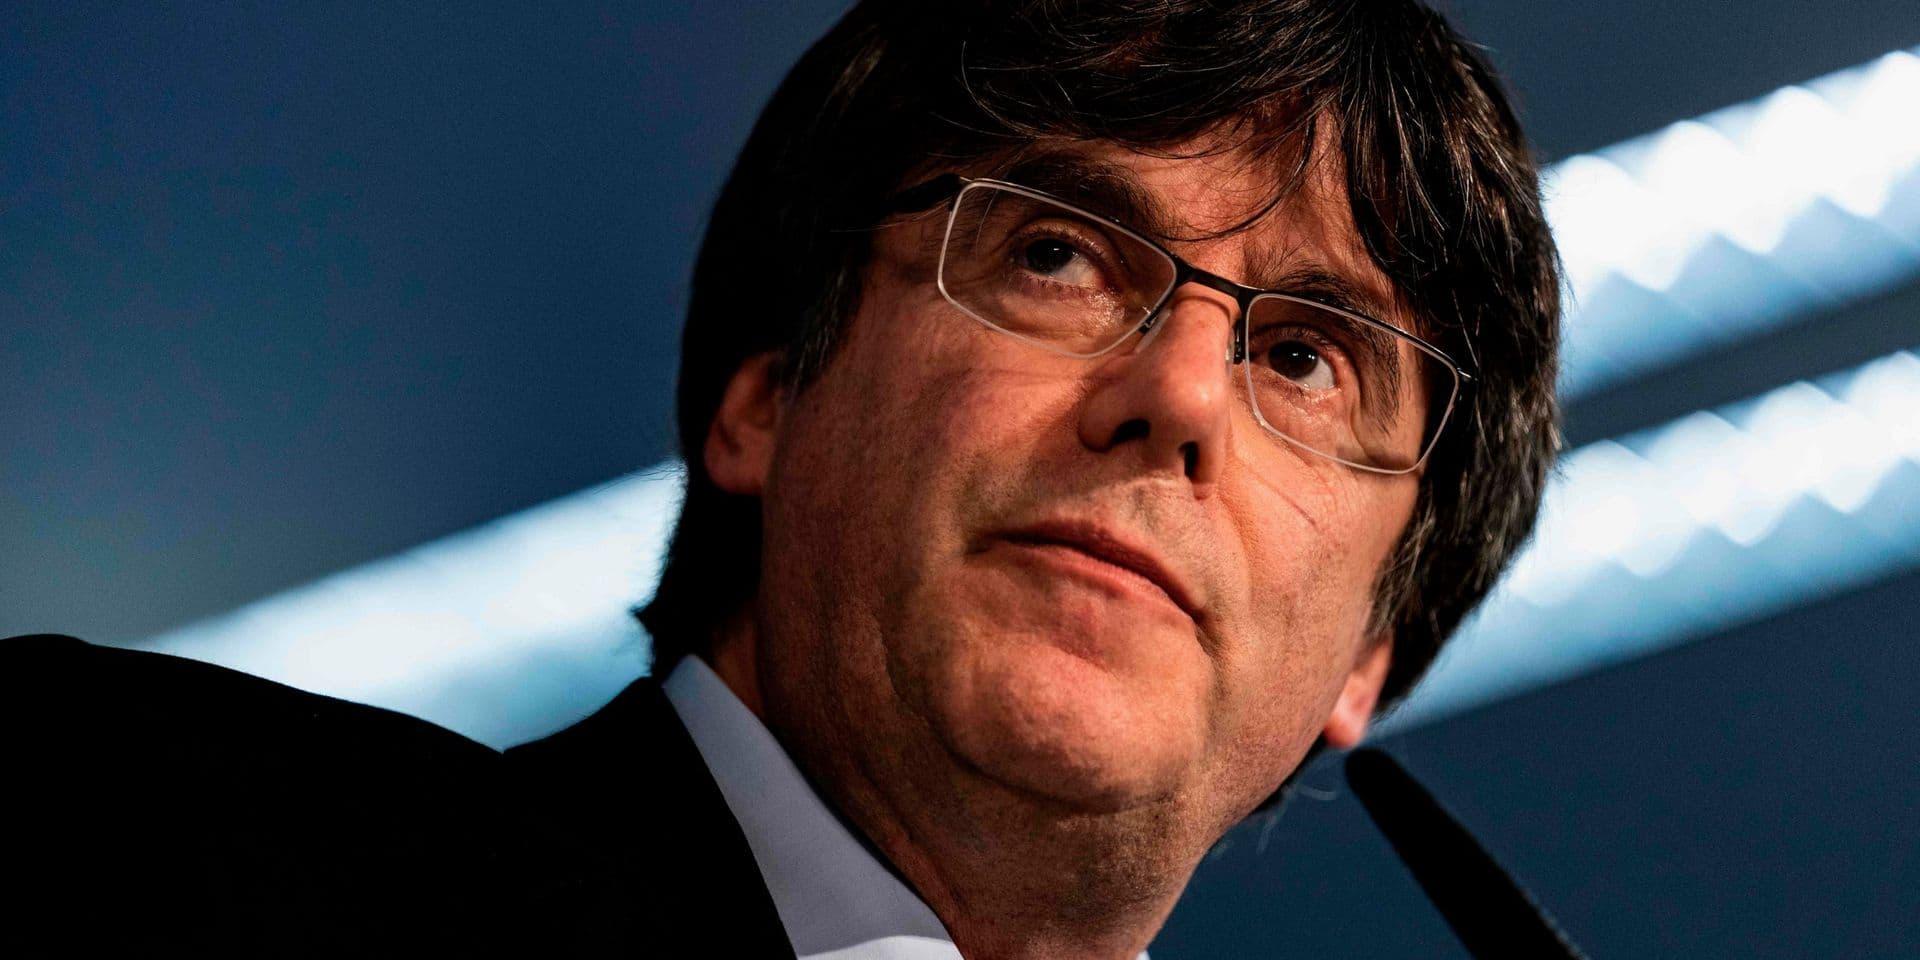 L'ancien dirigeant catalan Carles Puigdemont arrêté en Sardaigne, le risque d'une nouvelle crise entre Madrid et Barcelone plane